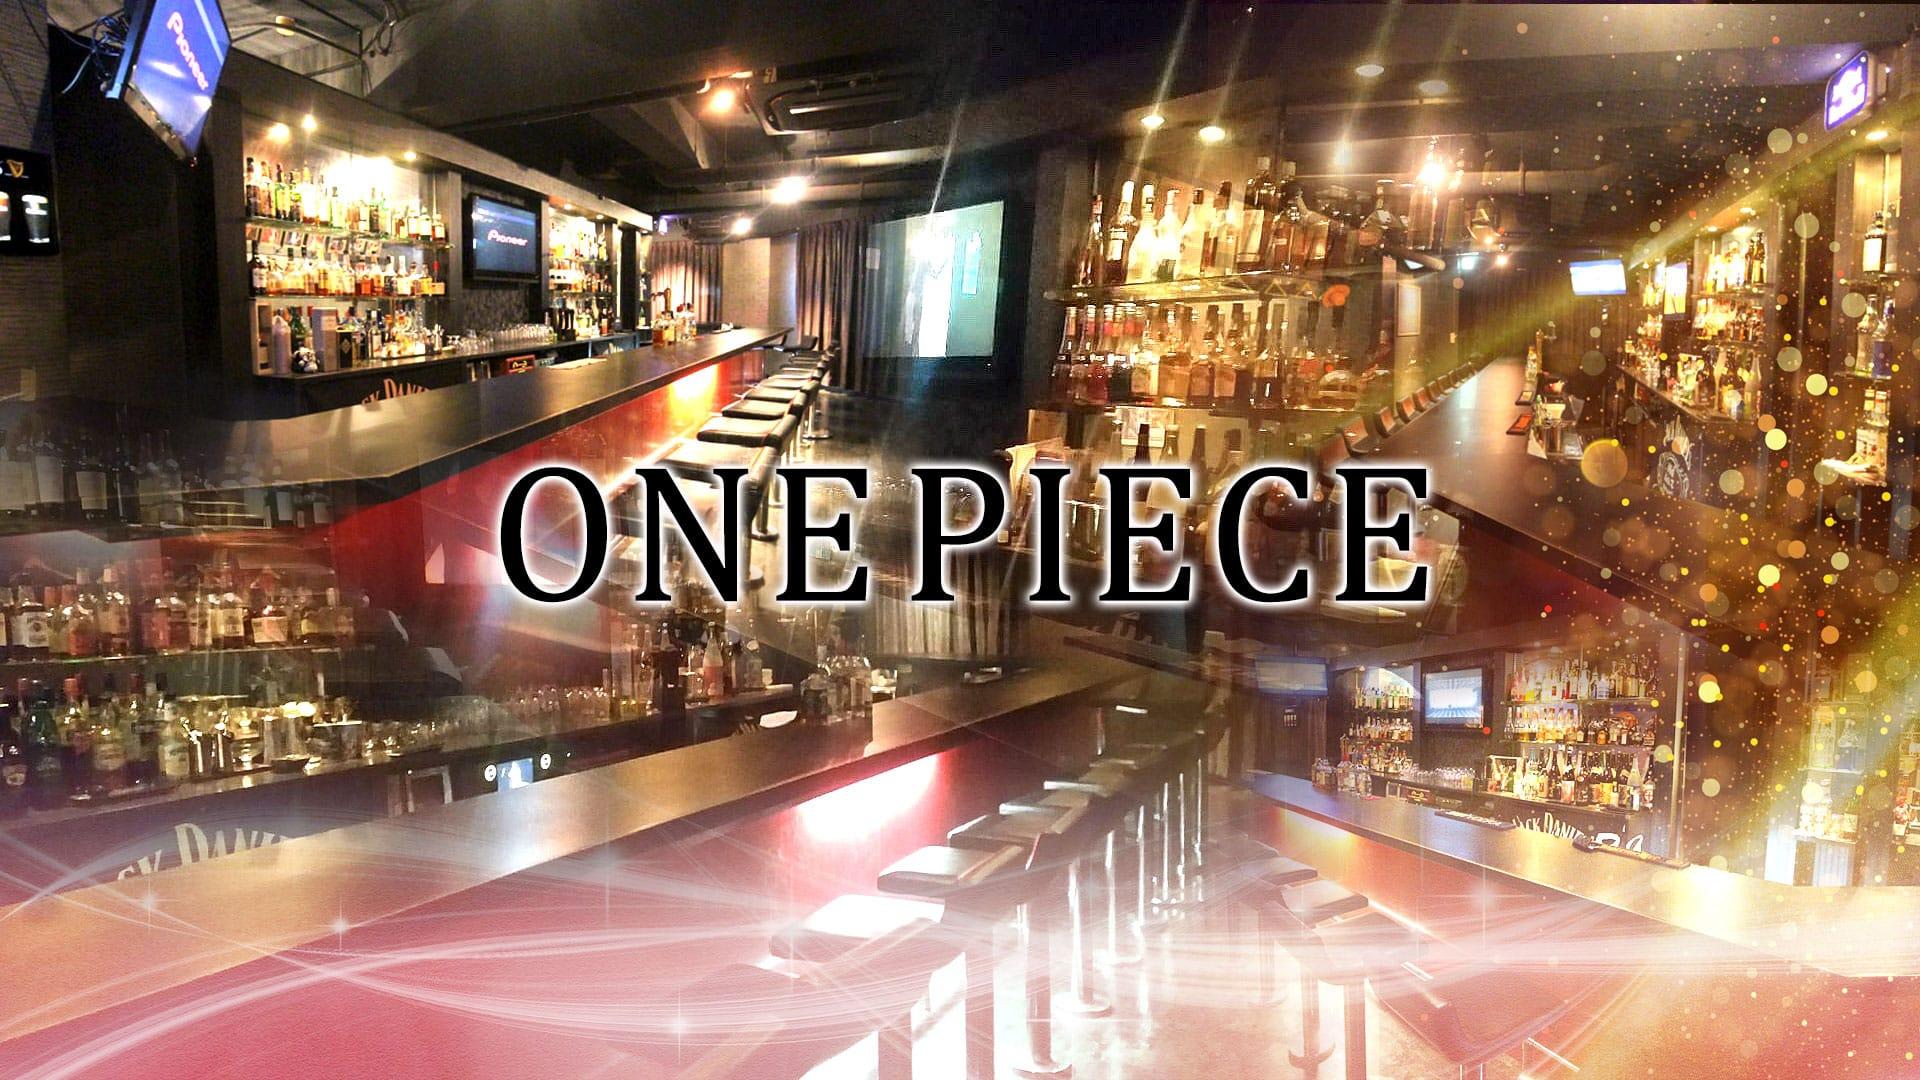 ONE PIECE(ワンピース) 溝の口ガールズバー TOP画像